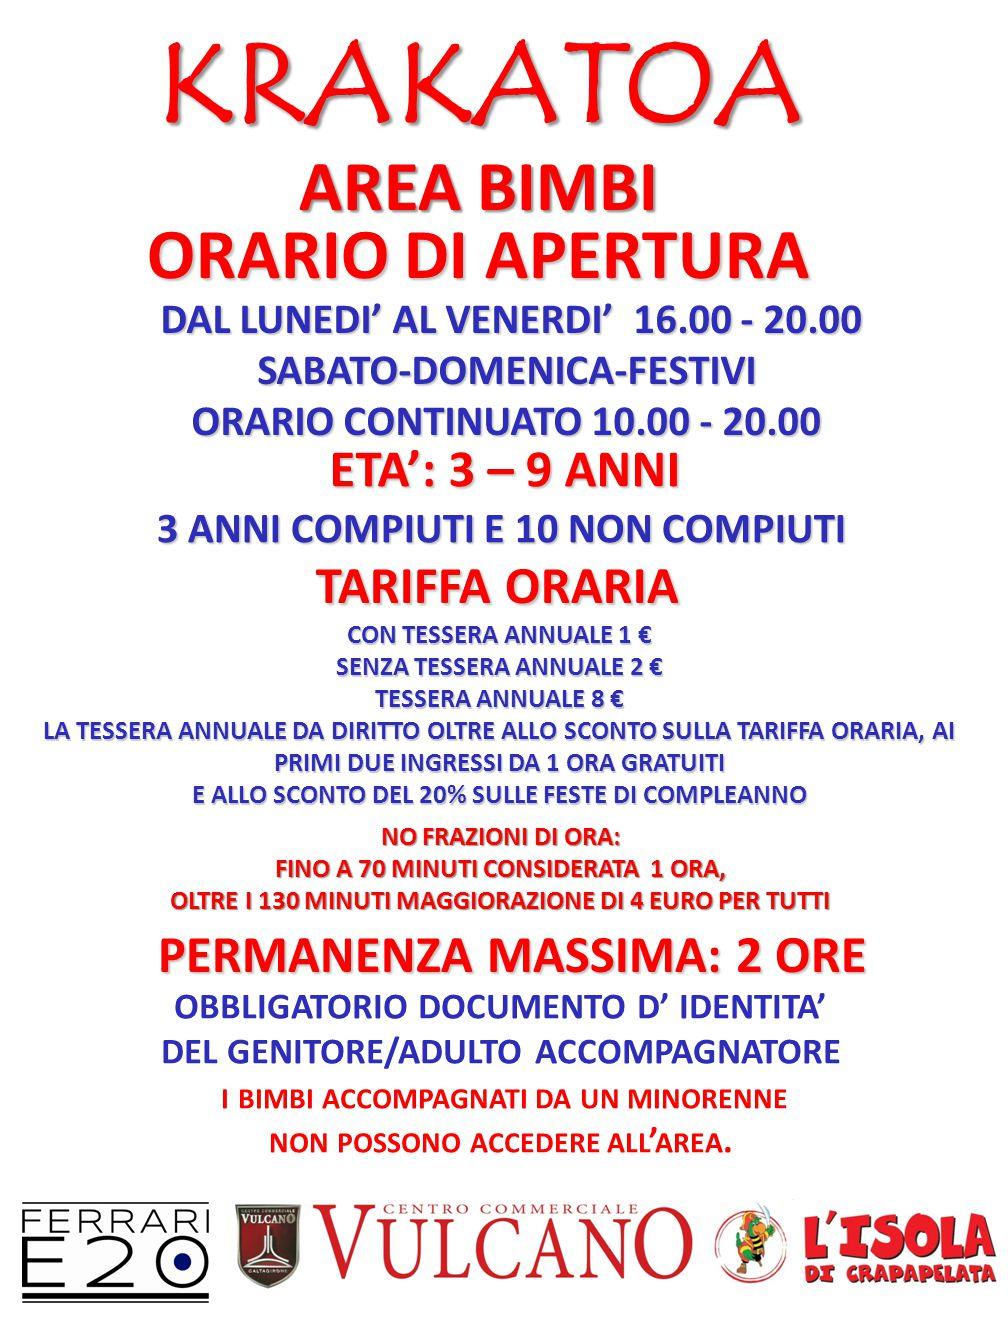 KRAKATOA AREA BIMBI ORARIO DI APERTURA DAL LUNEDI' AL VENERDI' 16.00 - 20.00 DAL LUNEDI' AL VENERDI' 16.00 - 20.00SABATO-DOMENICA-FESTIVI ORARIO CONTI